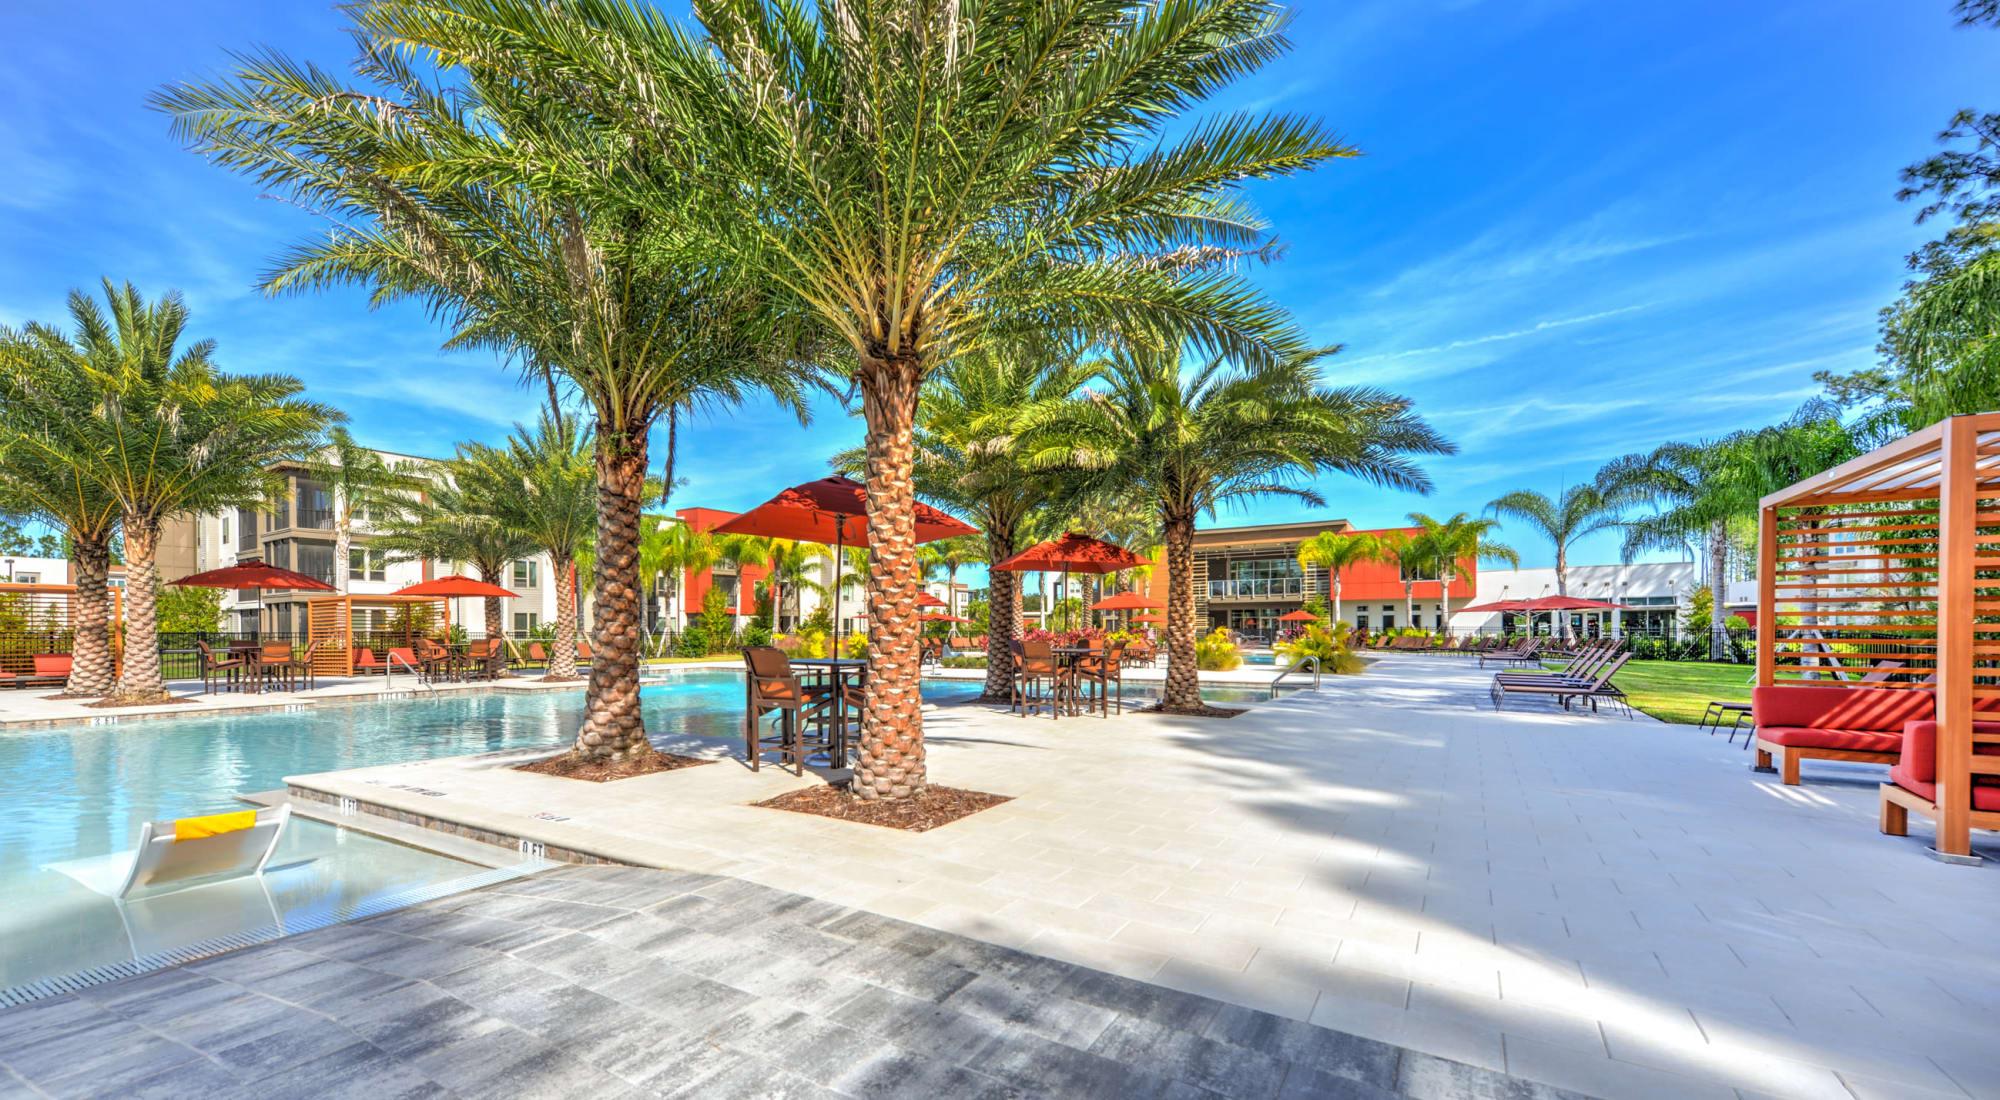 Luxor Club apartments in Jacksonville, Florida